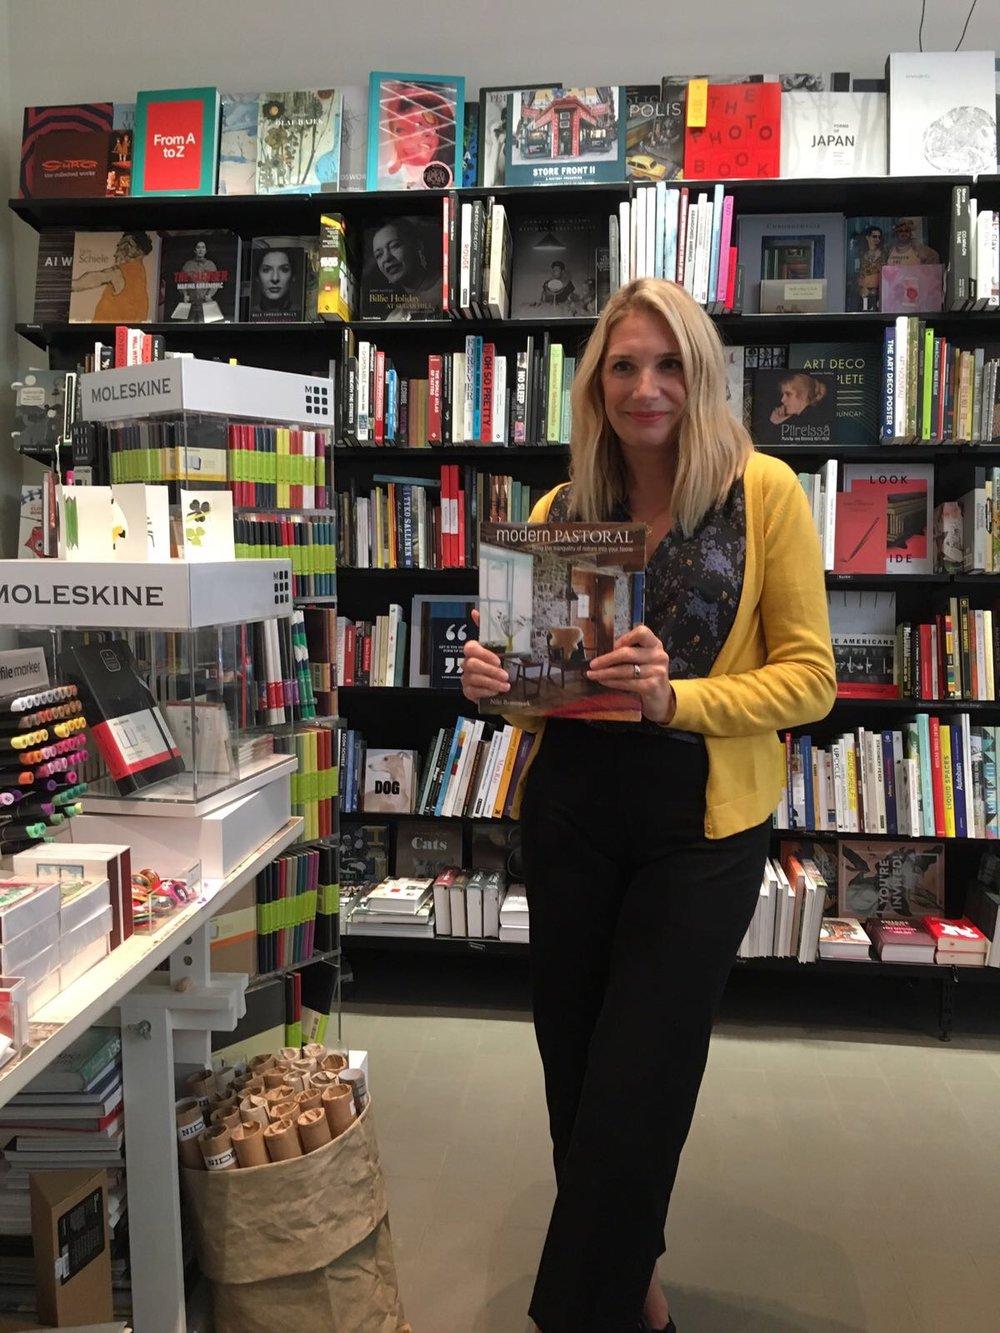 Leidsime juhuslikult kohalikust raamatukauplusest Niki esimese raamatu. :-)